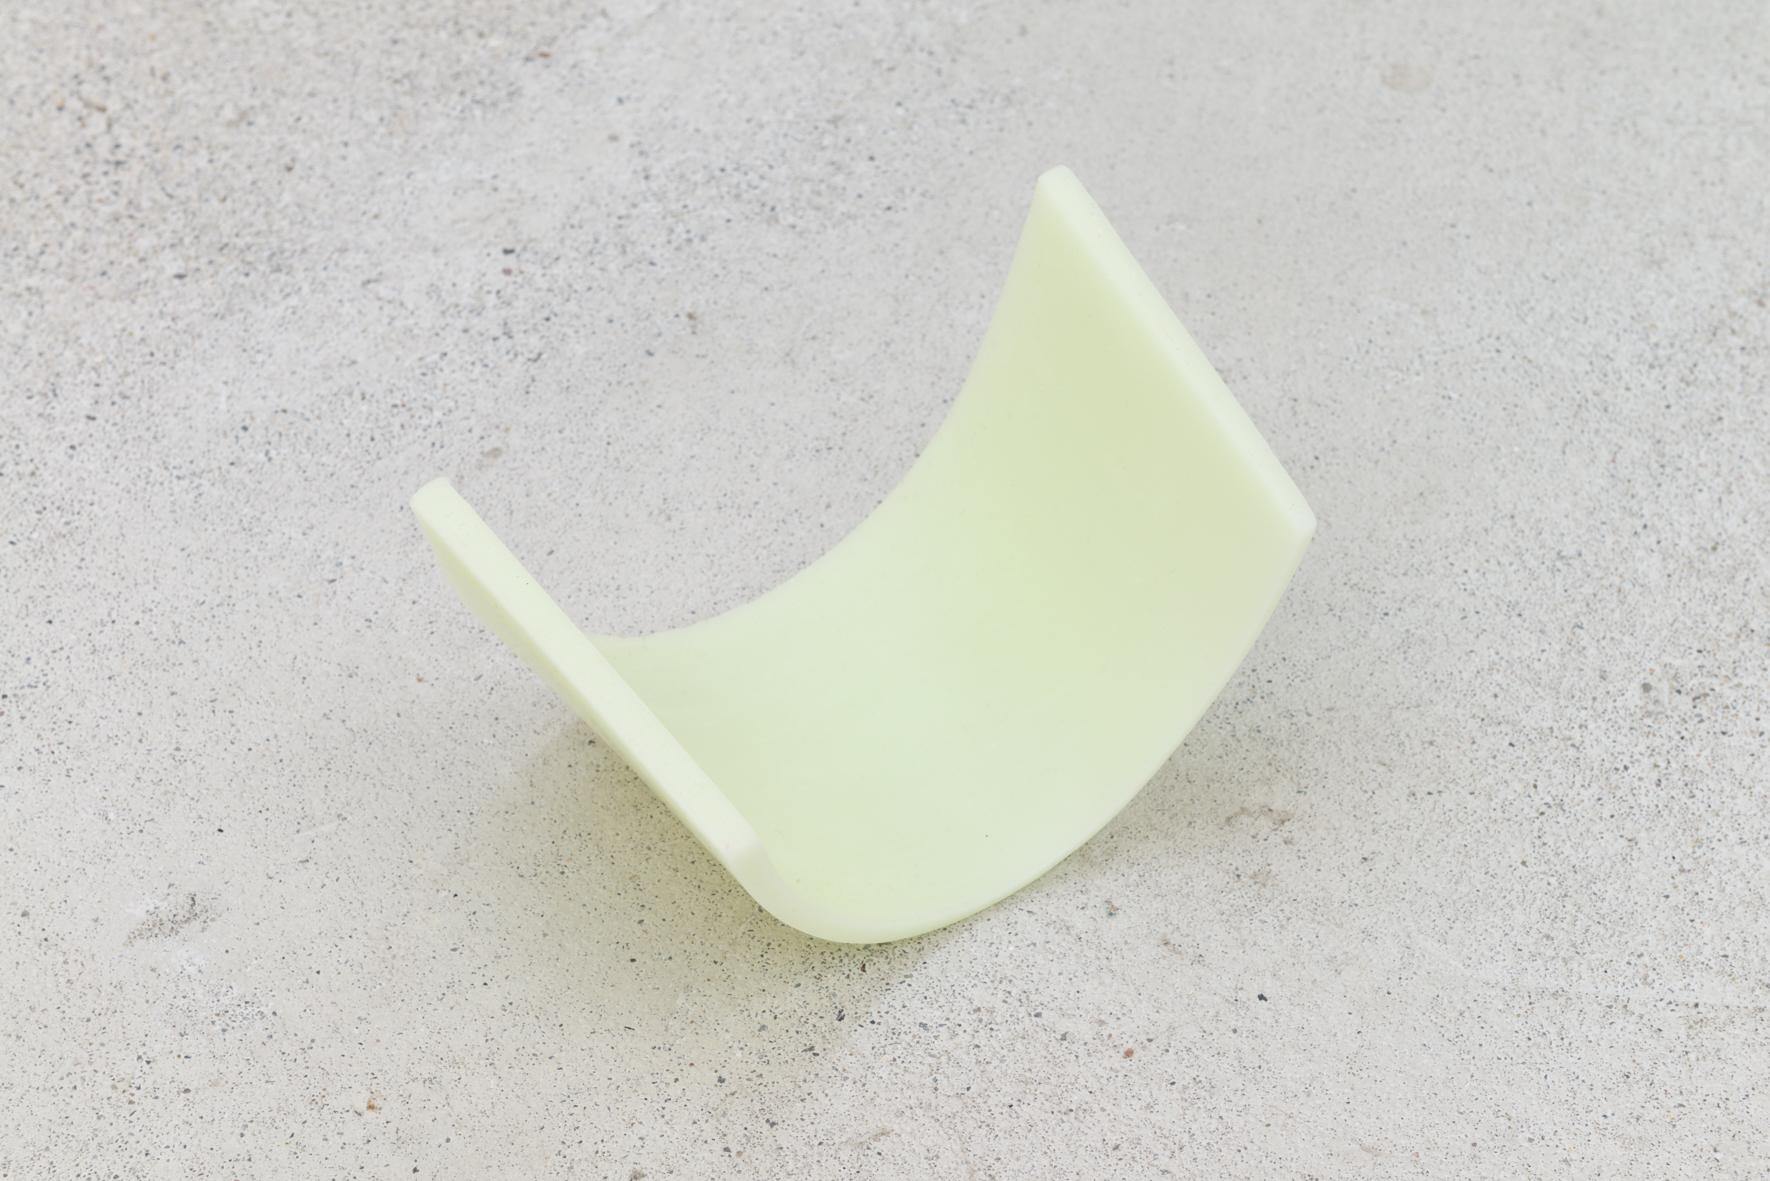 Kerstin von Gabain: Shell (light green), 2020; wax